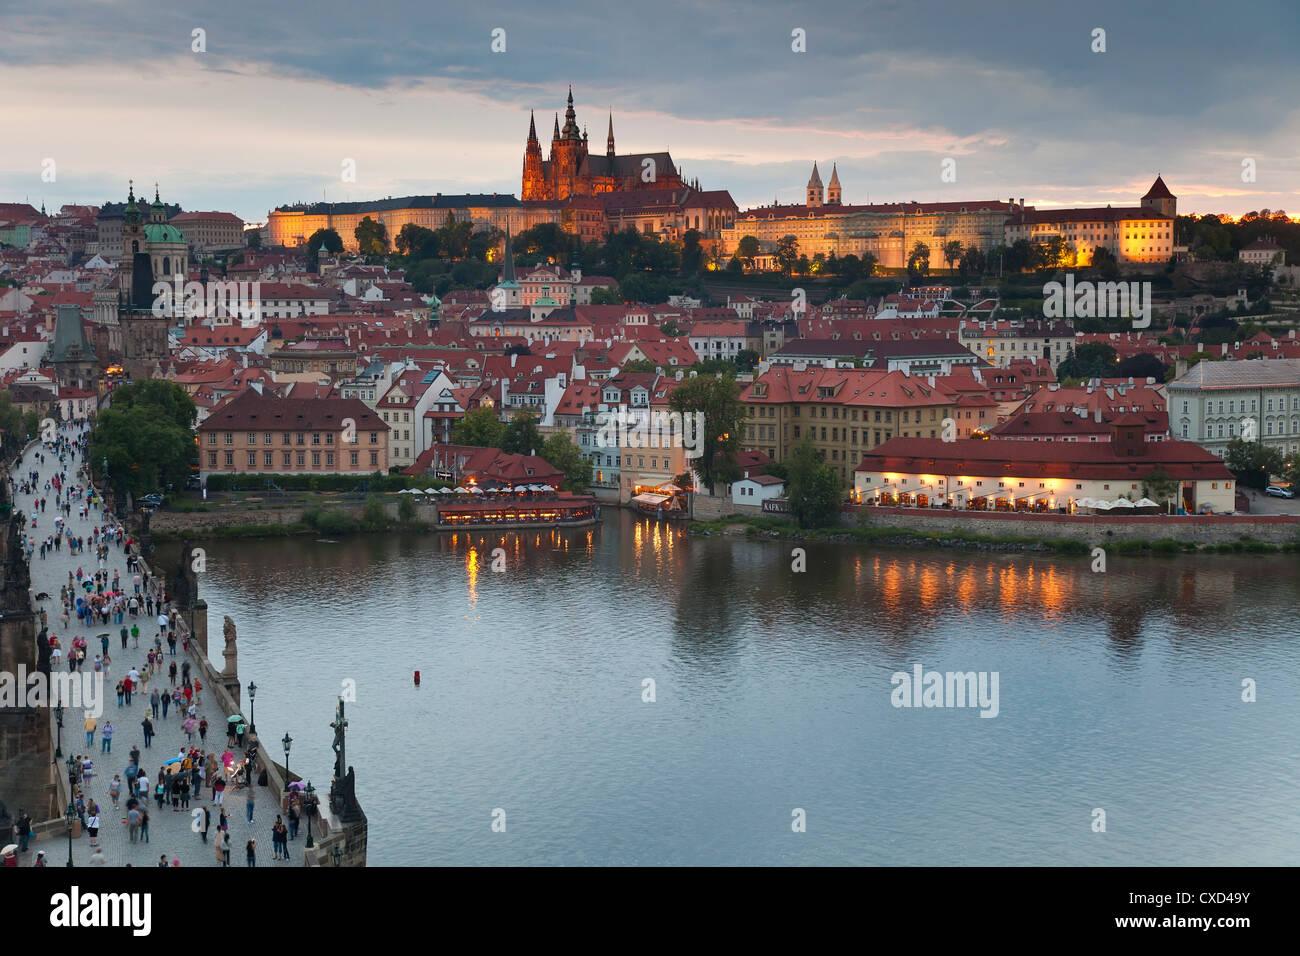 La Cathédrale Saint-Guy, le Pont Charles, la rivière Vltava et du quartier du château illuminé Photo Stock